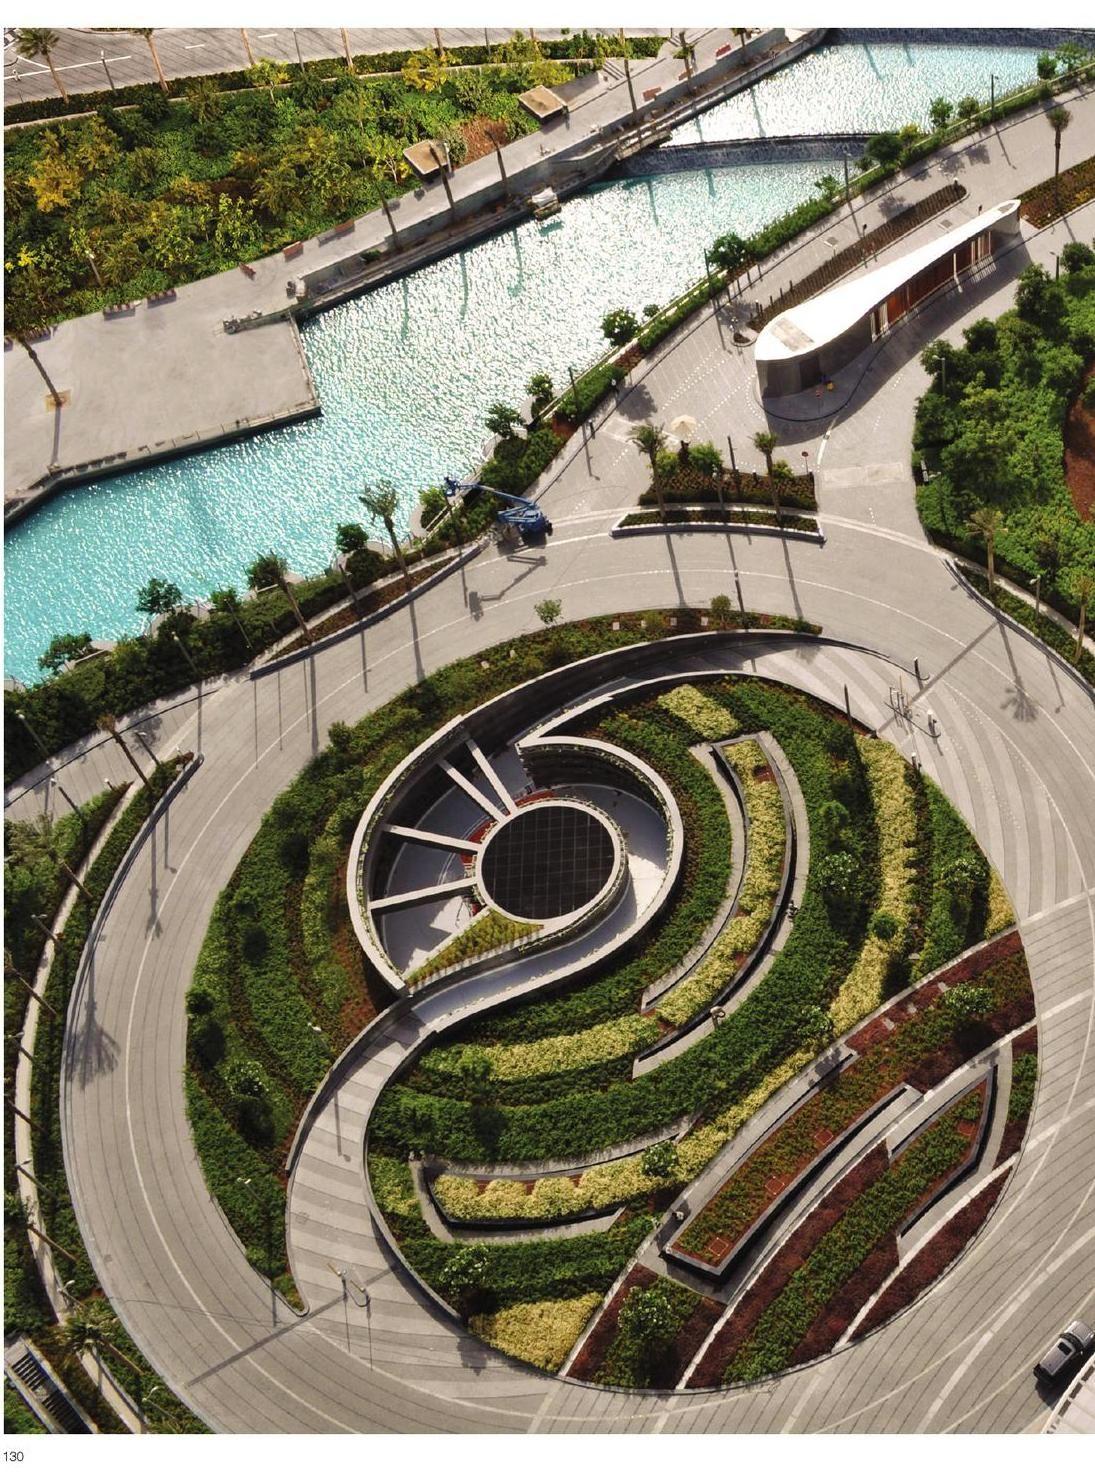 Corporate Commercial Landscape Arquitectura De Paisaje Planos De Paisajes Modelo De Paisaje